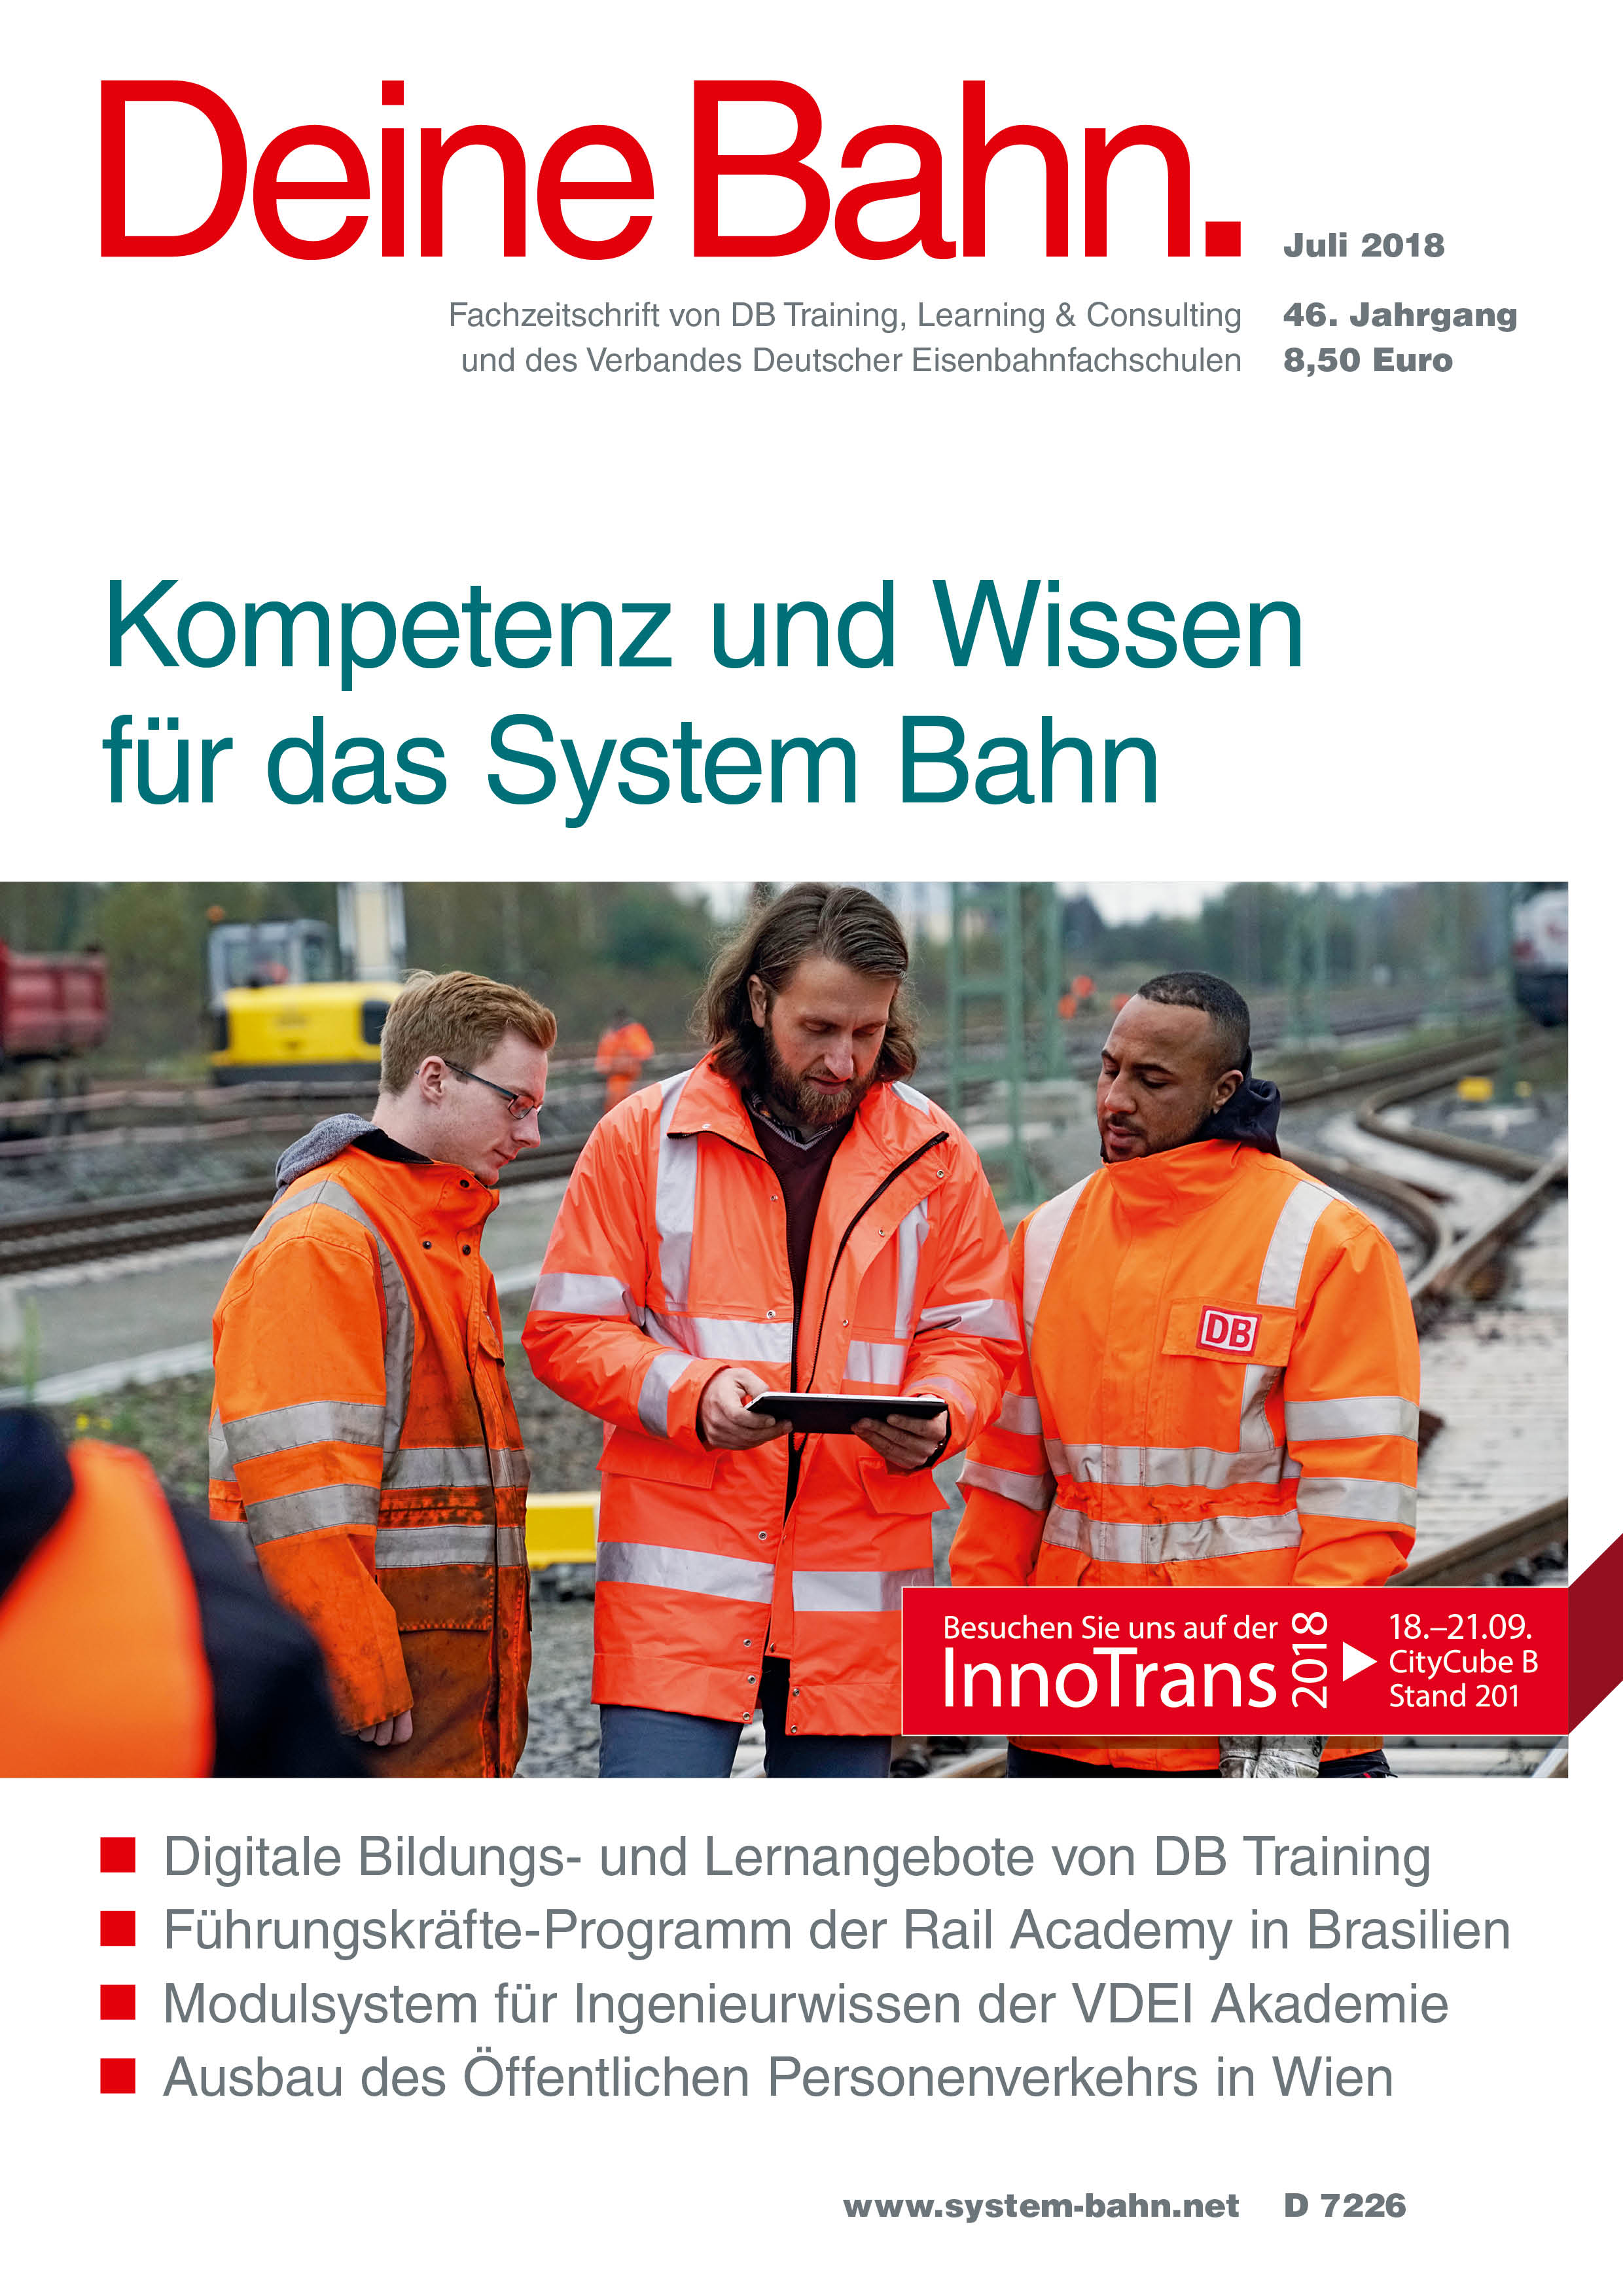 Fachzeitschrift Deine Bahn Juli 2018 umschlagmotiv